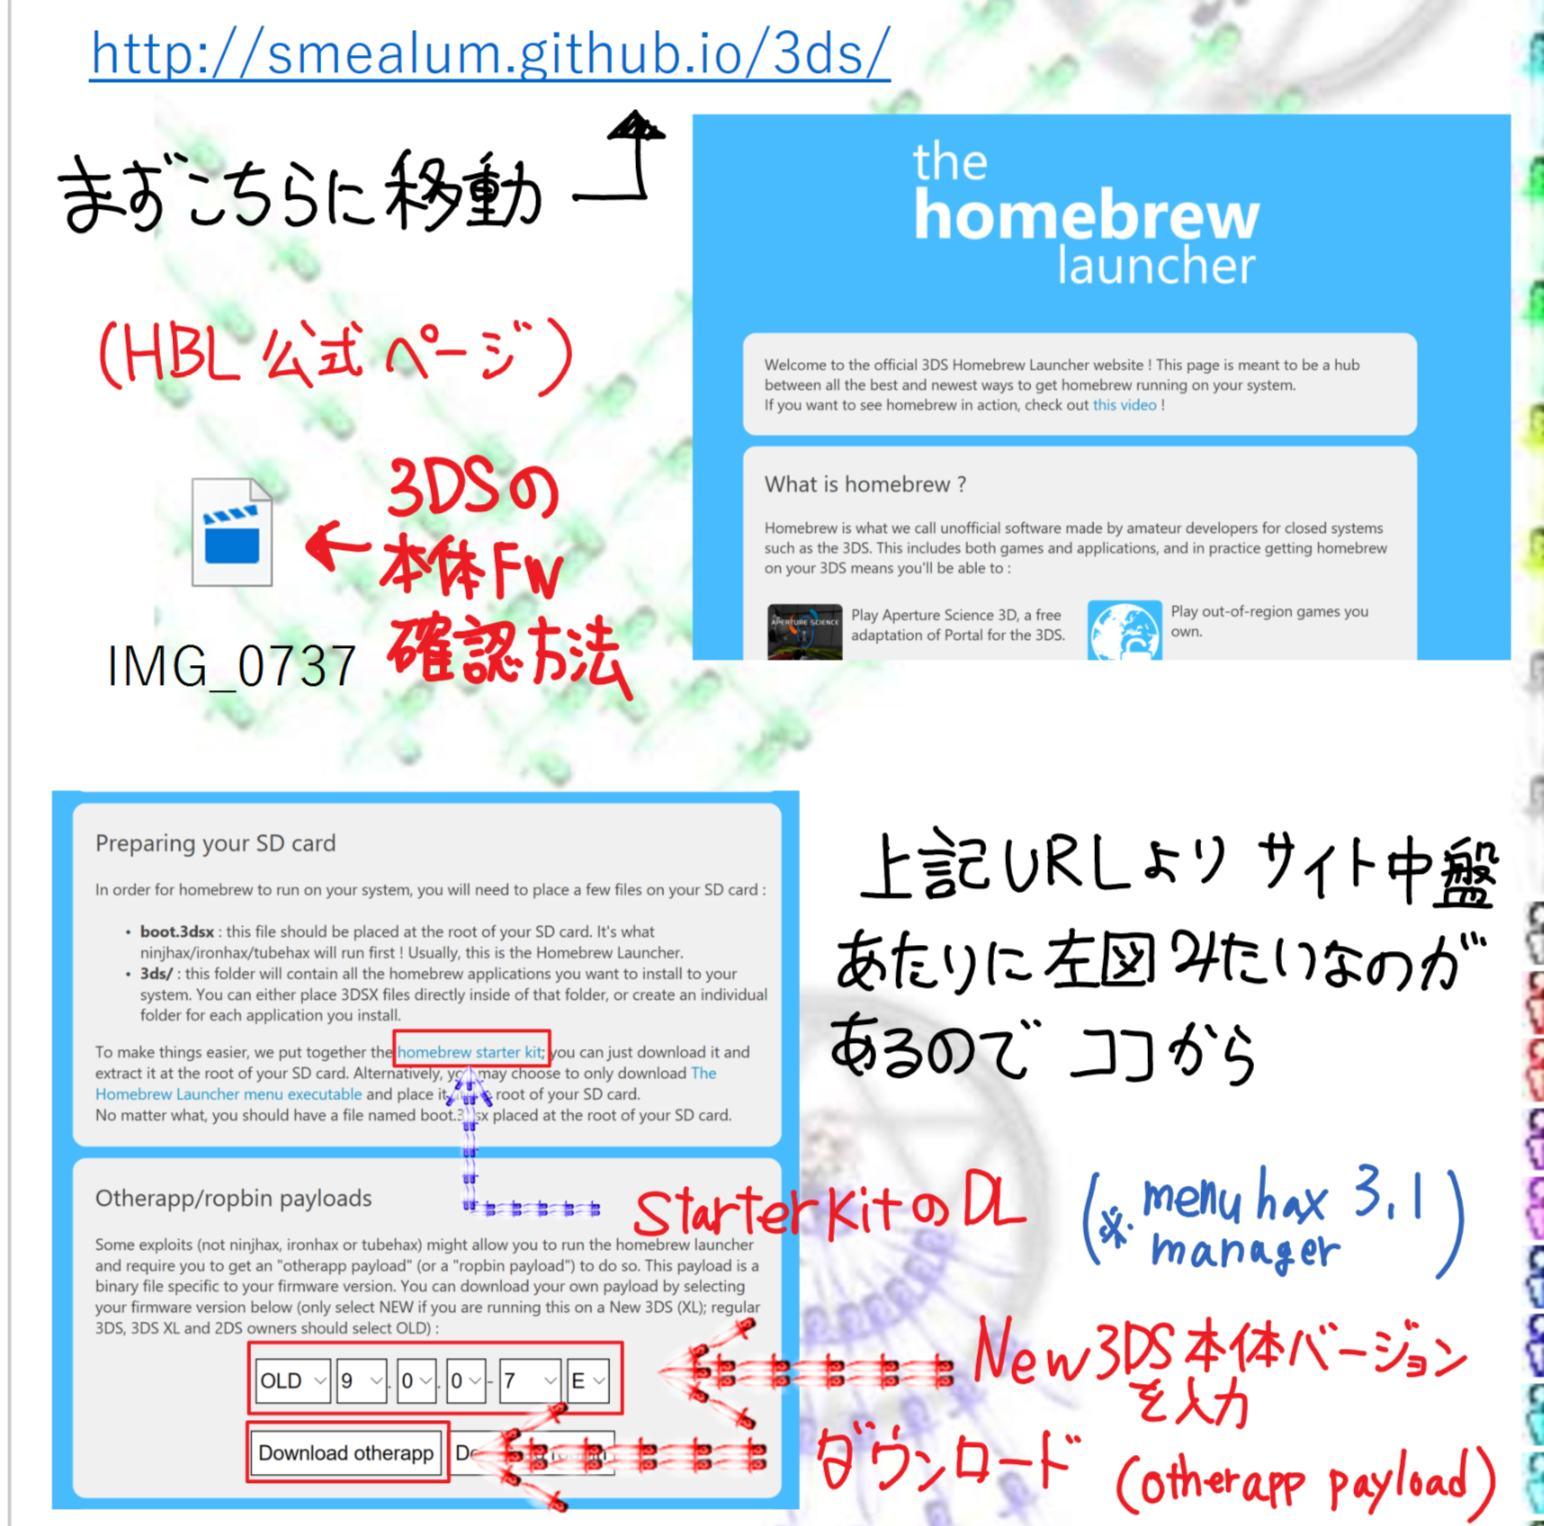 f:id:icn-network:20170904132022j:plain